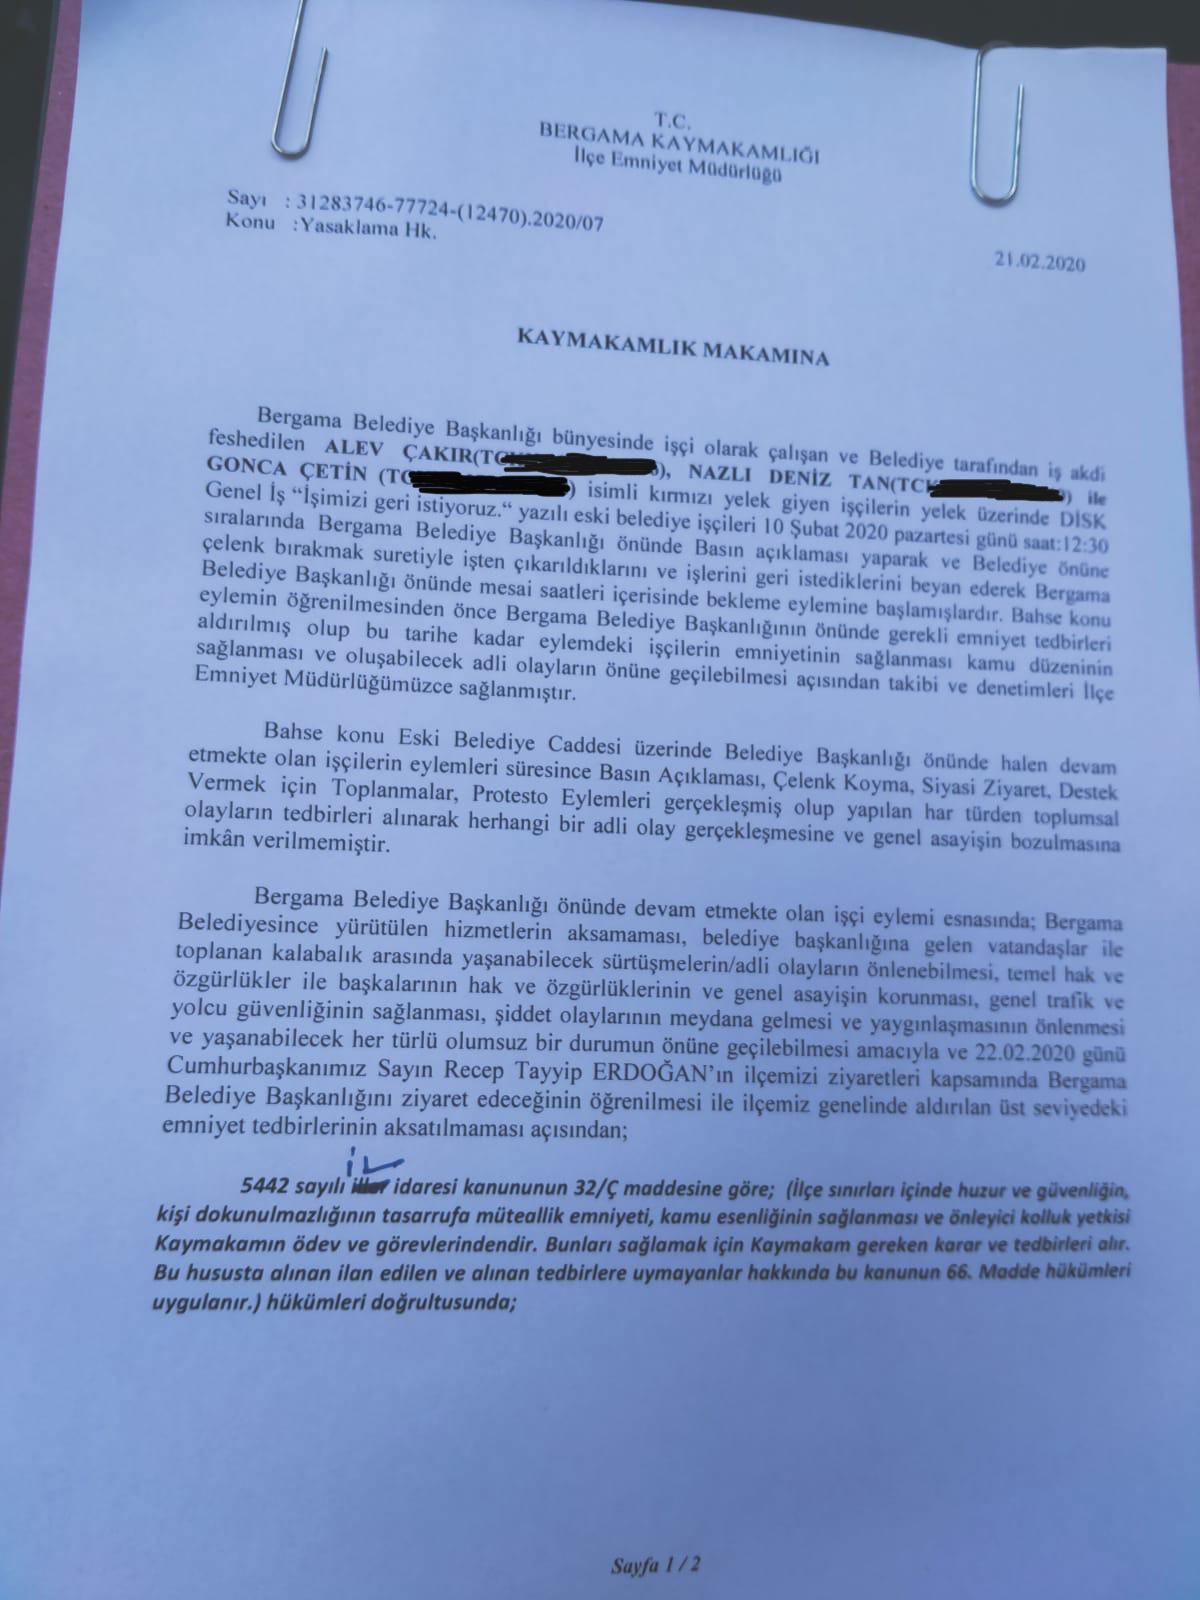 Bergama'da 12 gündür işten atıldıkları için belediye önünde direnen işçilerin eylemlerini yasaklayan kaymakamlık dilekçesi